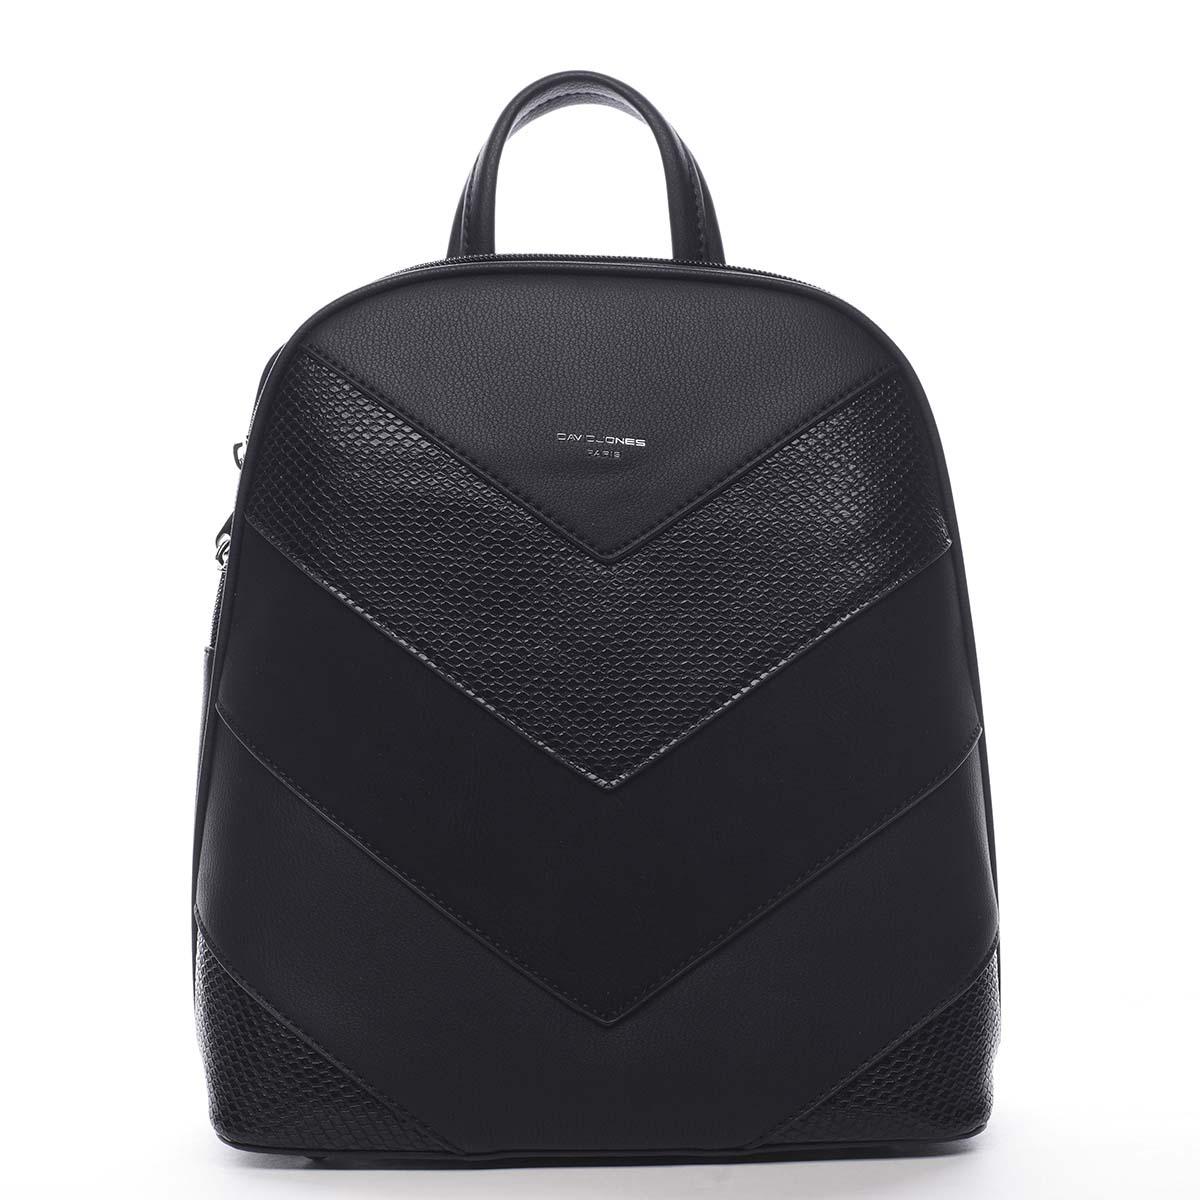 Dámský městský batoh černý - David Jones JeanBell